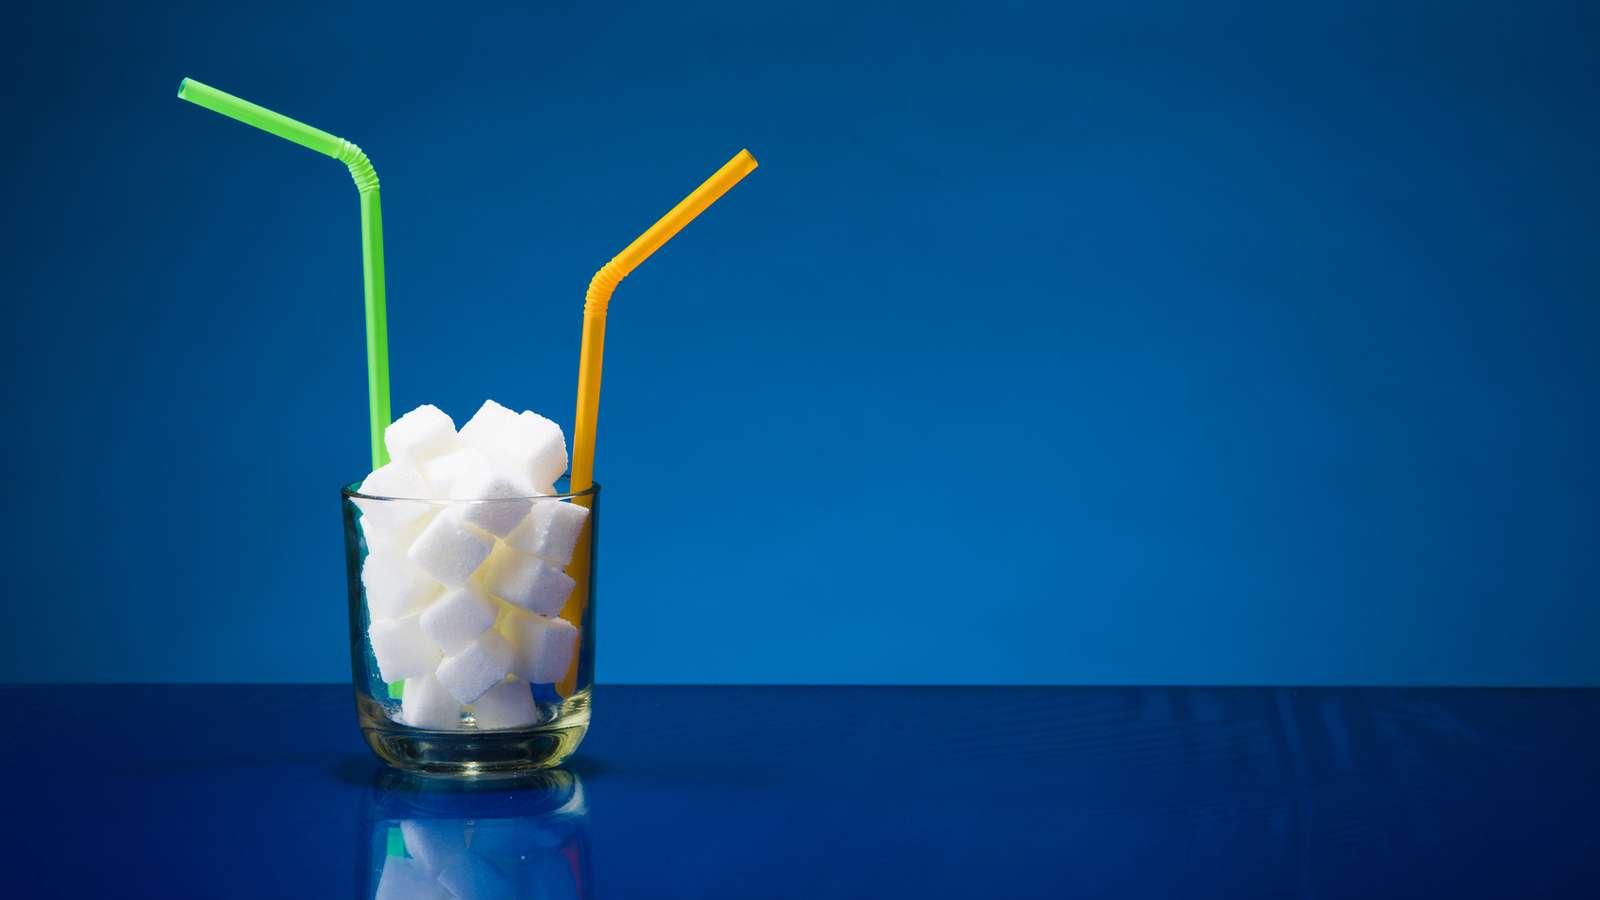 Warum verursacht Zucker eine Entzündung?